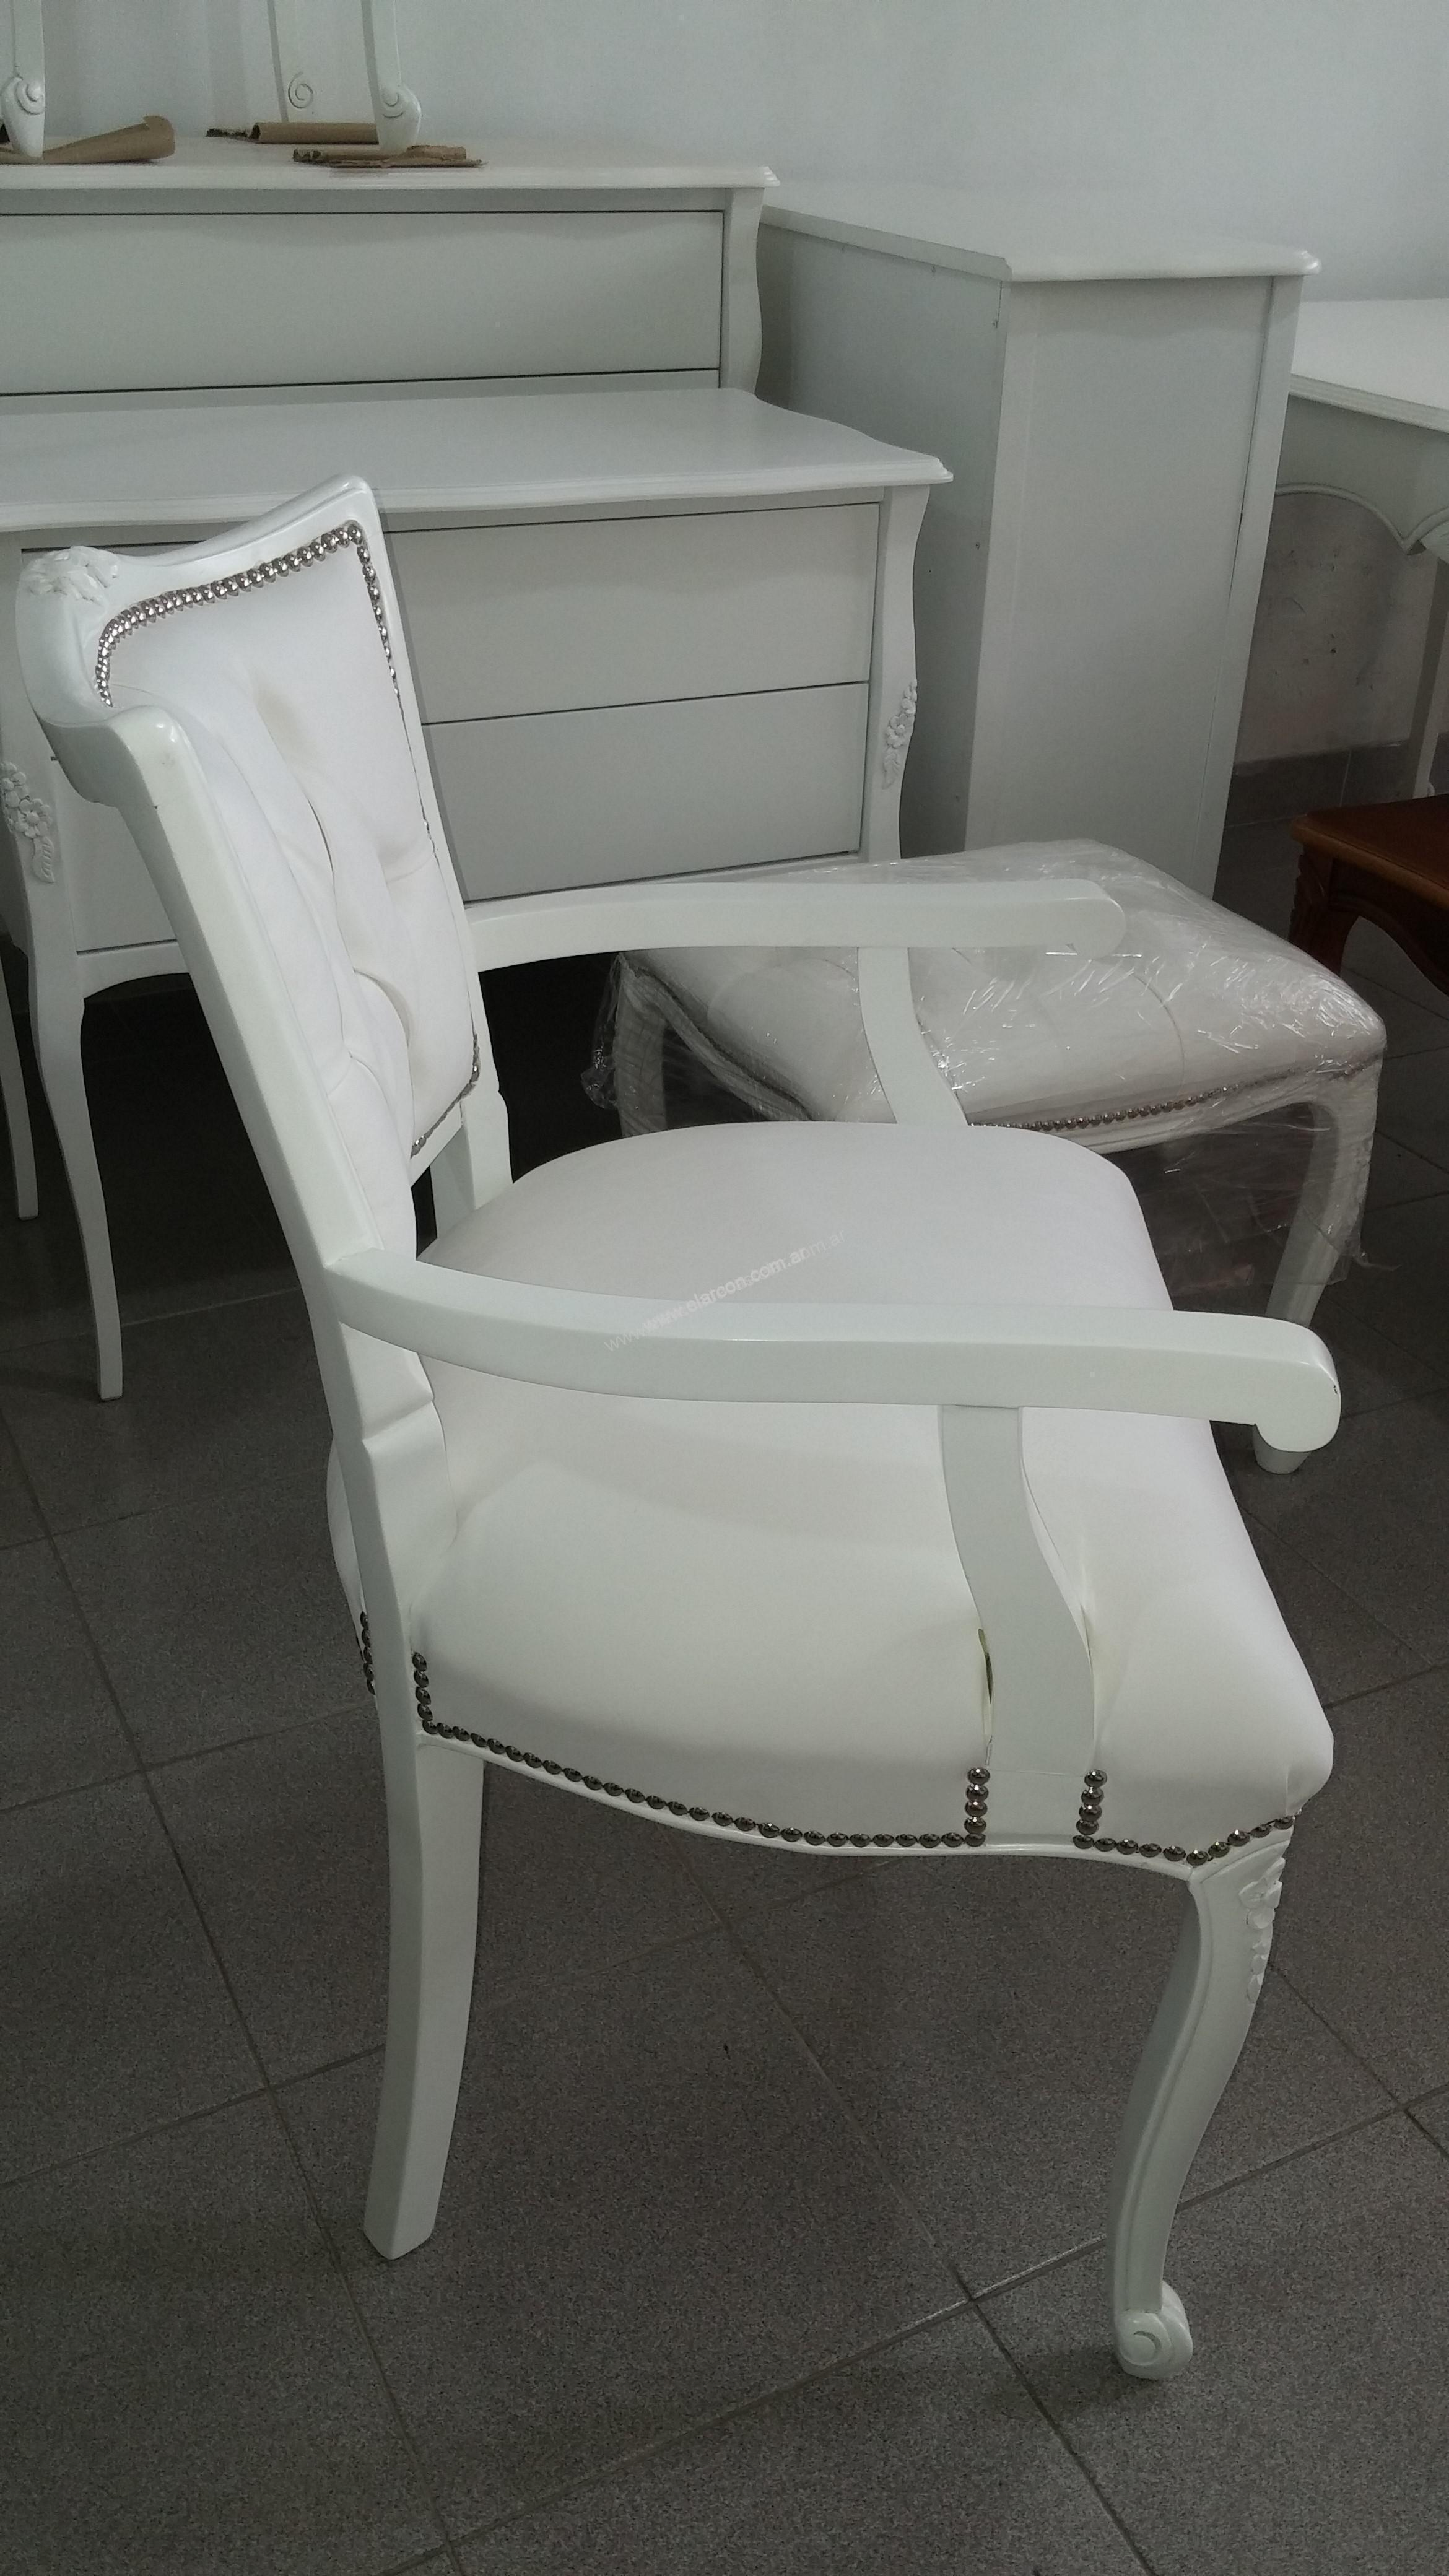 Sillones estilo provenzal cool par de sillones estilo - Sillones estilo frances ...